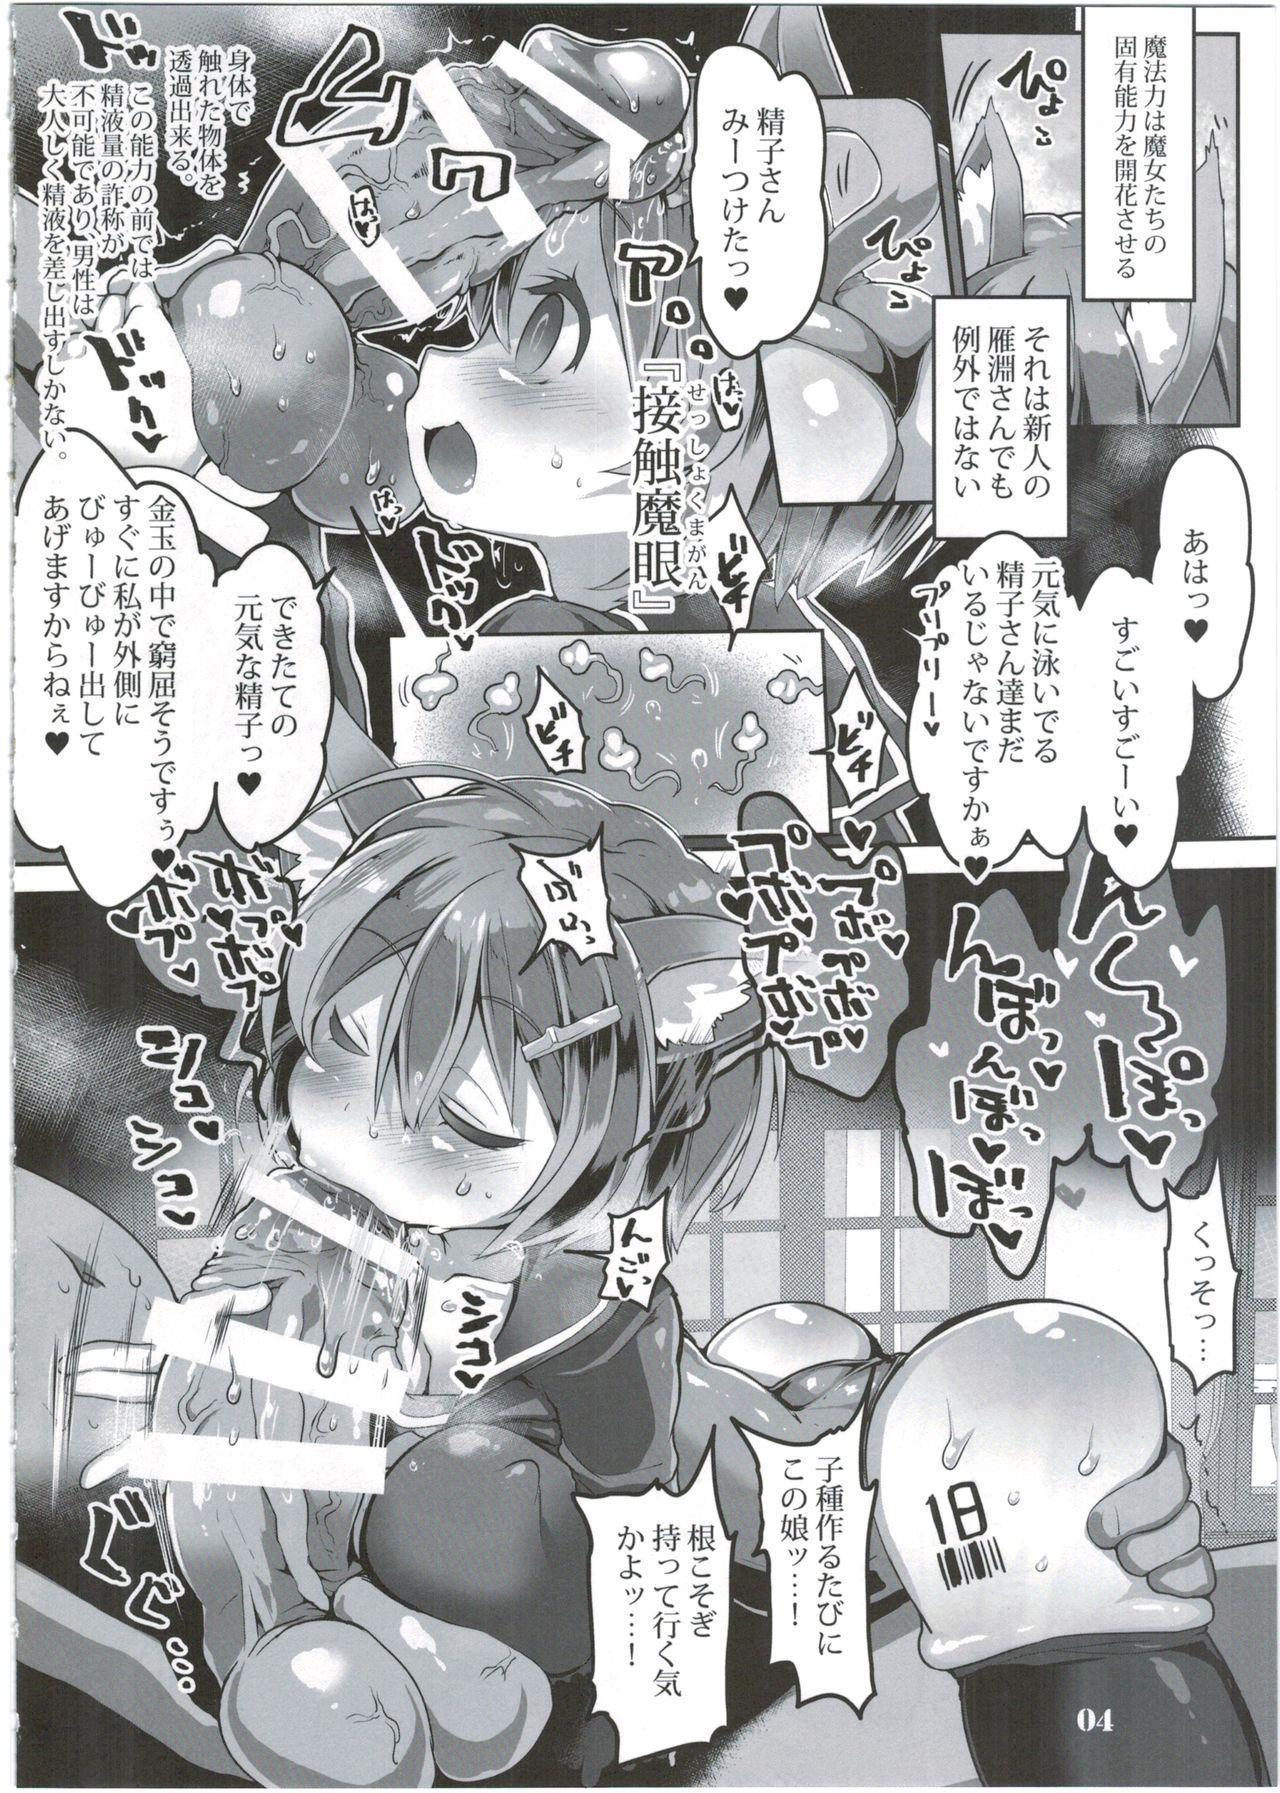 Tanoshii Seieki Bokujou 5